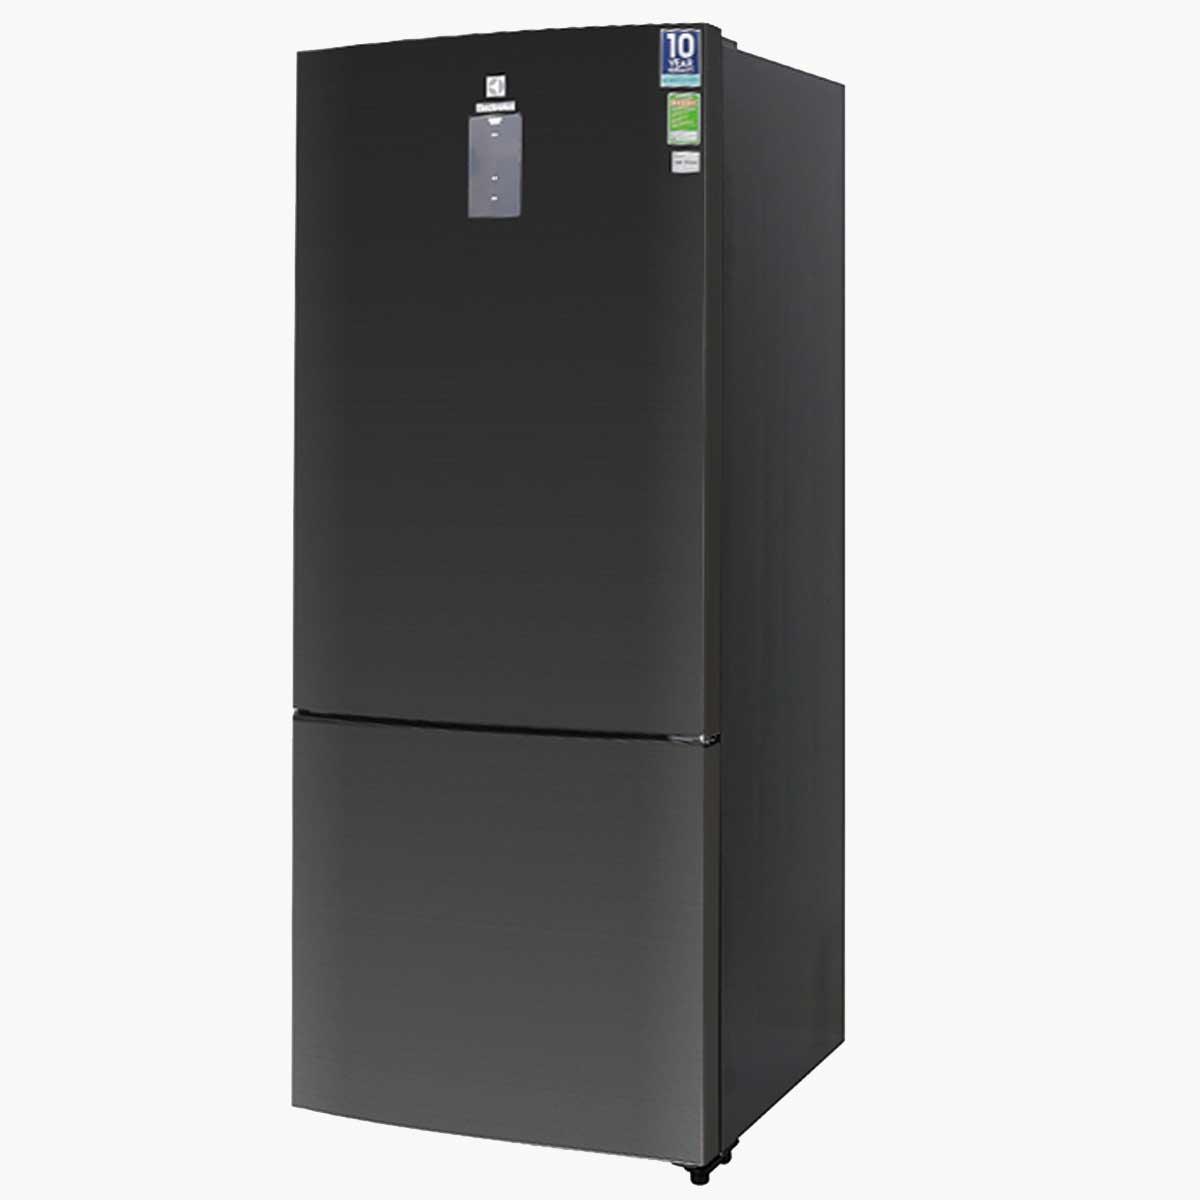 Tủ lạnh Electrolux EBE4502BA thiết kế hiện đại